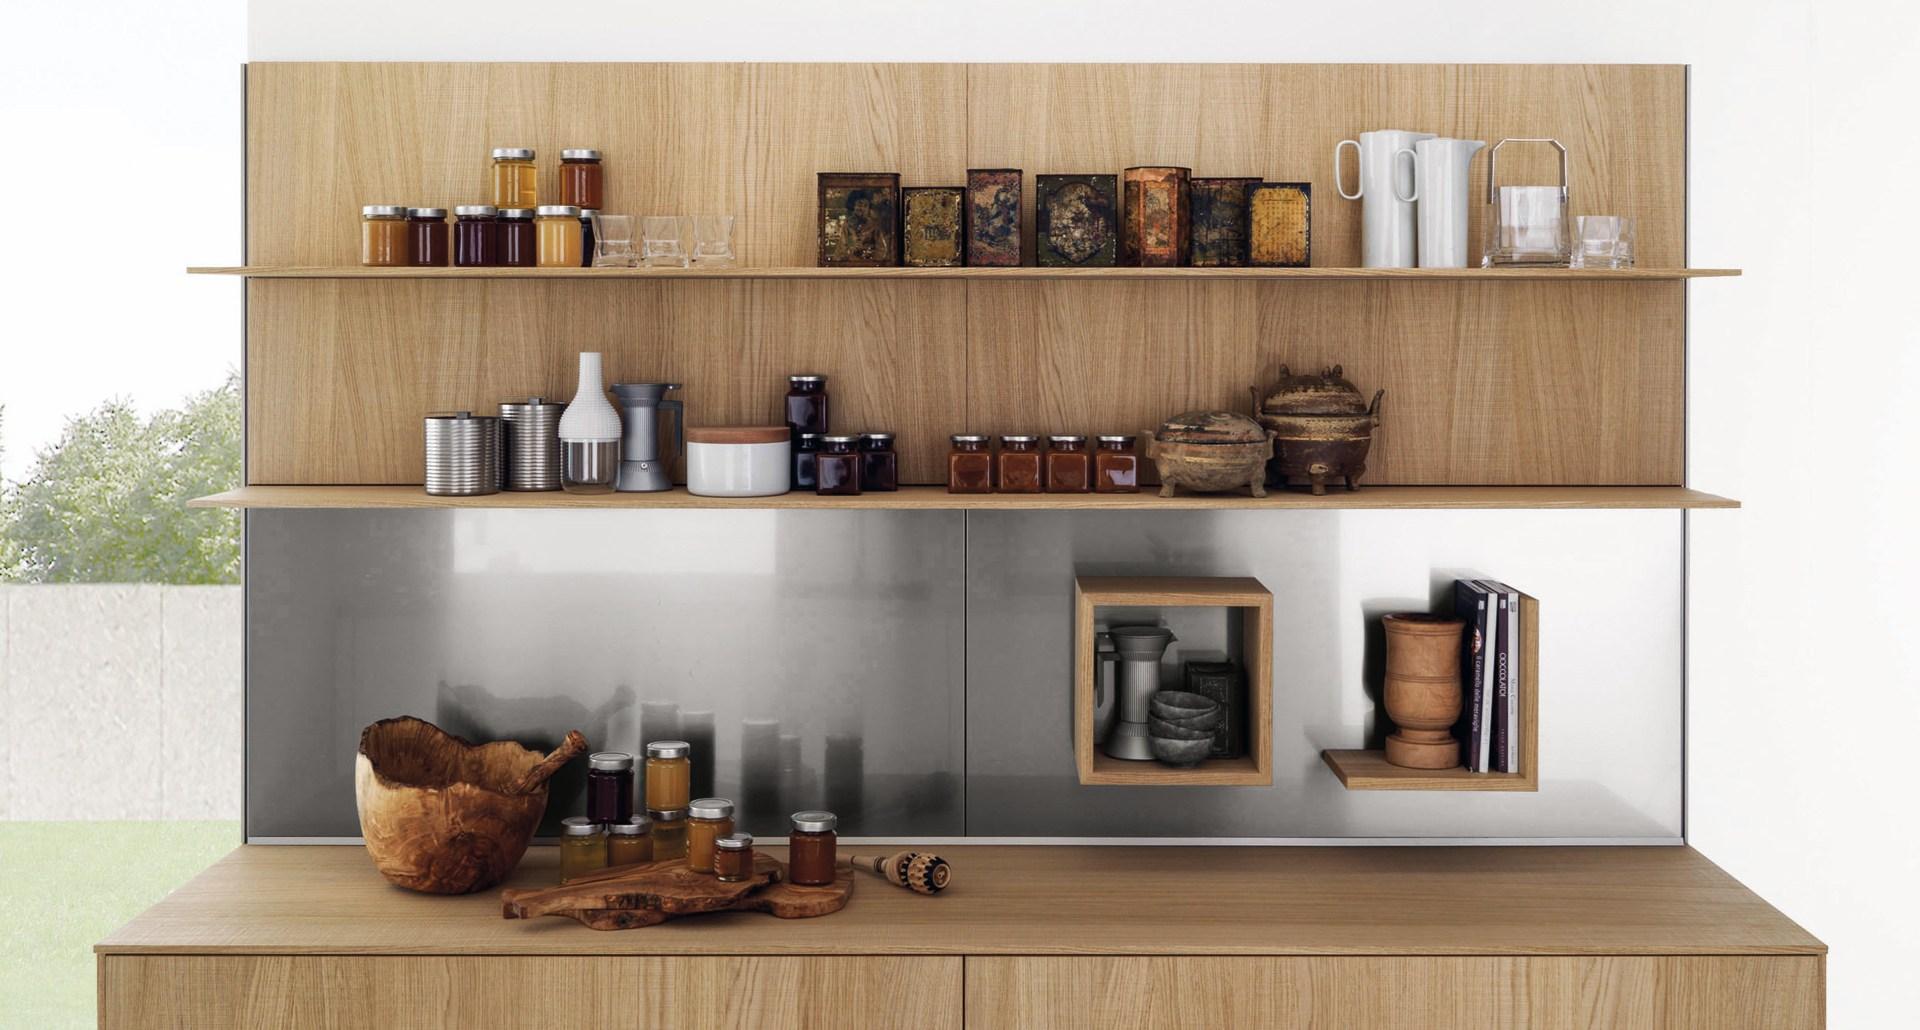 صور ارفف مطابخ اشكال وتصاميم رفوف المطبخ (23)